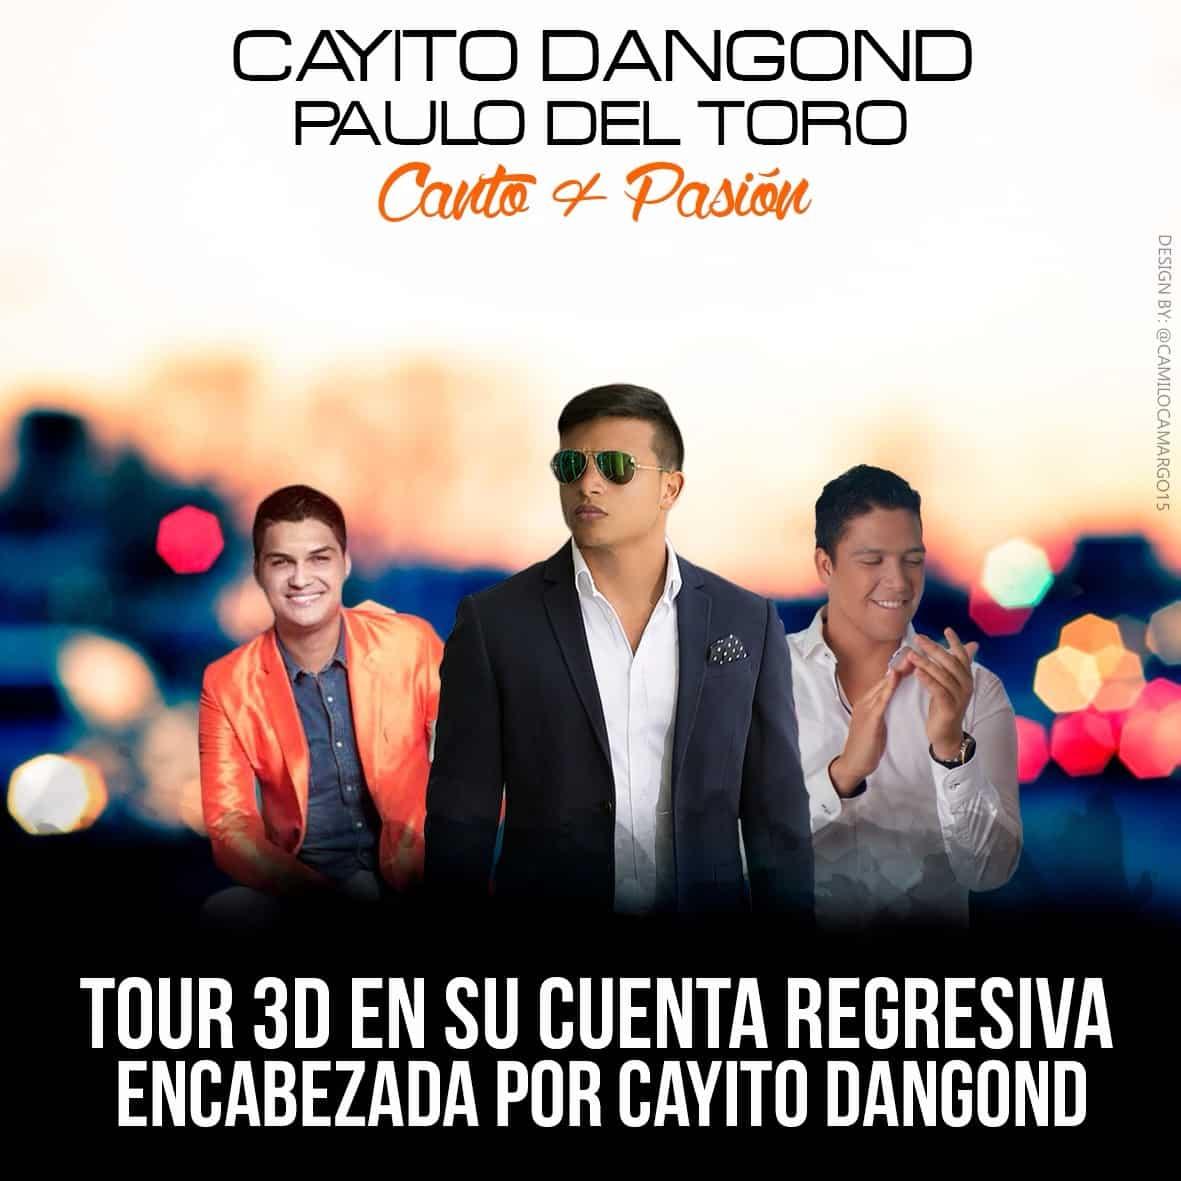 TOUR 3D EN SU CUENTA REGRESIVA ENCABEZADA POR CAYITO DANGOND